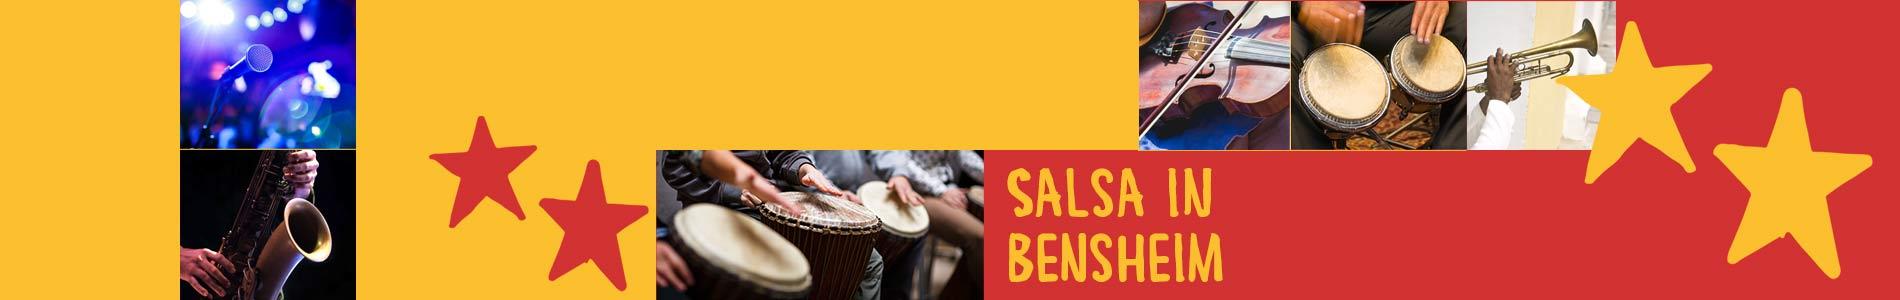 Salsa in Bensheim – Salsa lernen und tanzen, Tanzkurse, Partys, Veranstaltungen